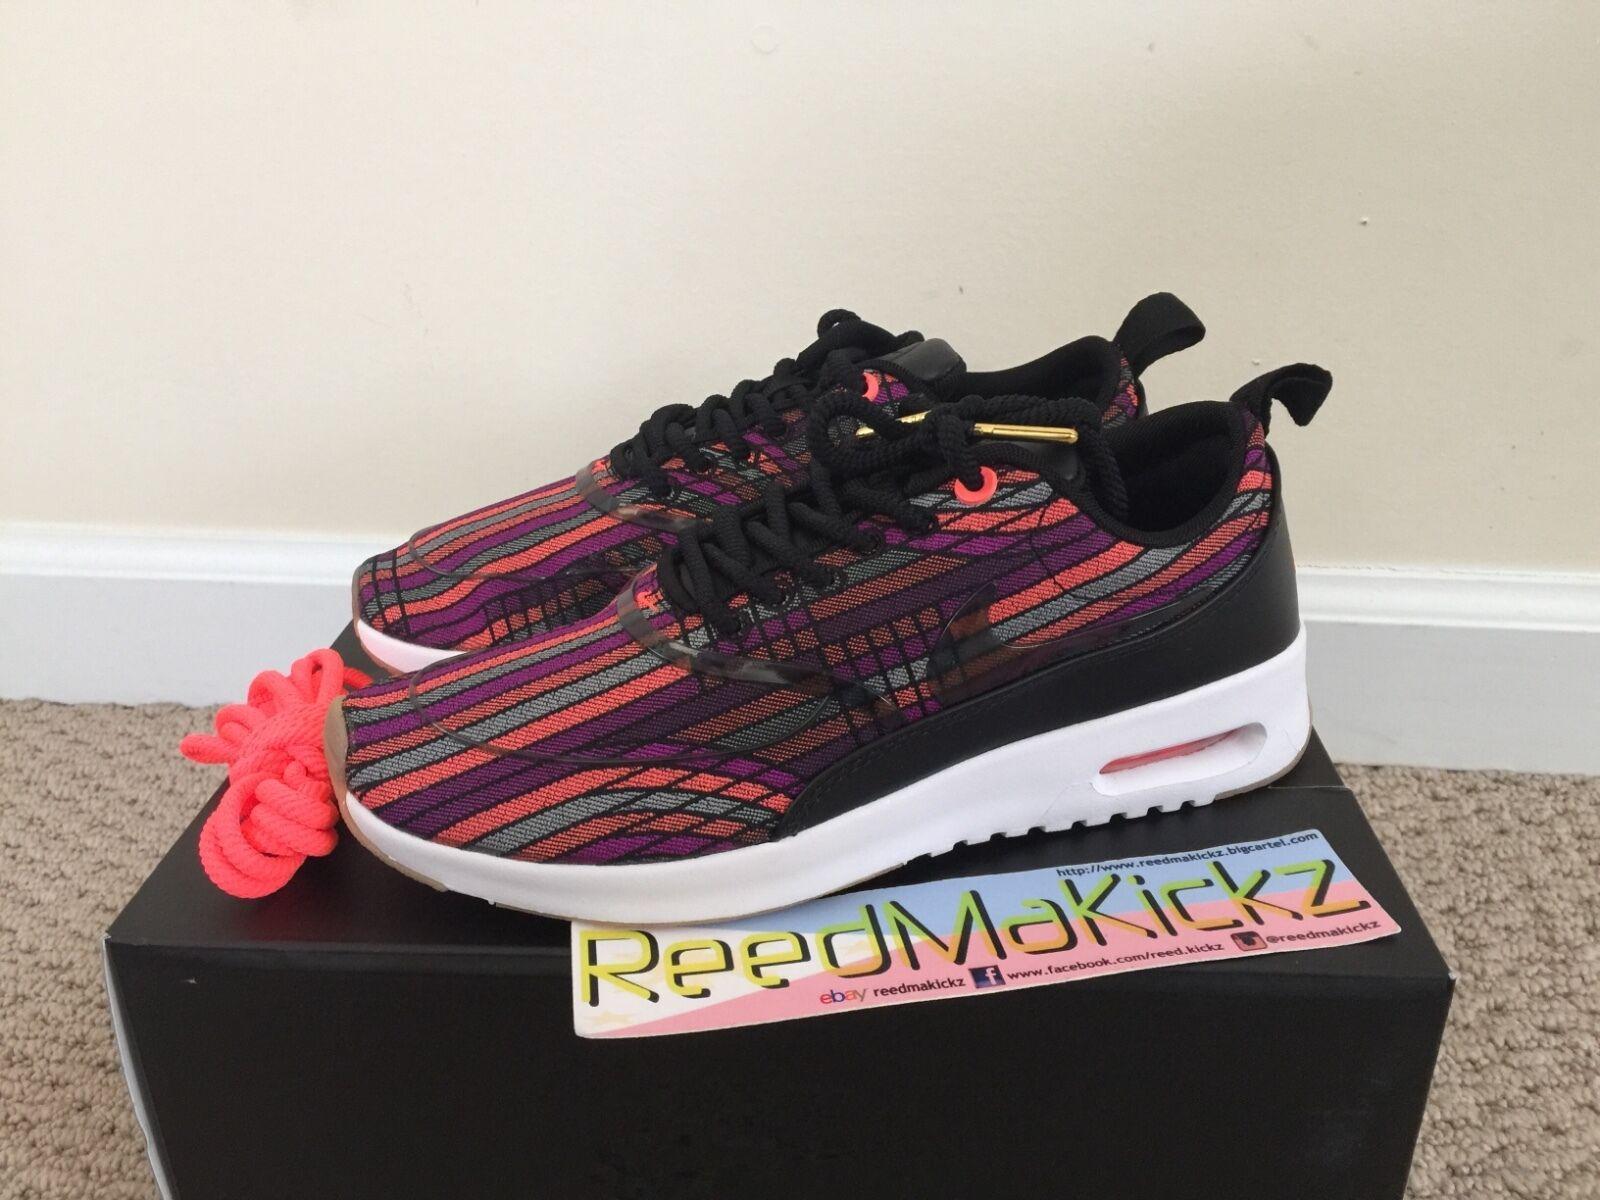 - scarpe da donna dualtone racer sonodiventate correndo scarpe silver uso medico ah3012 001